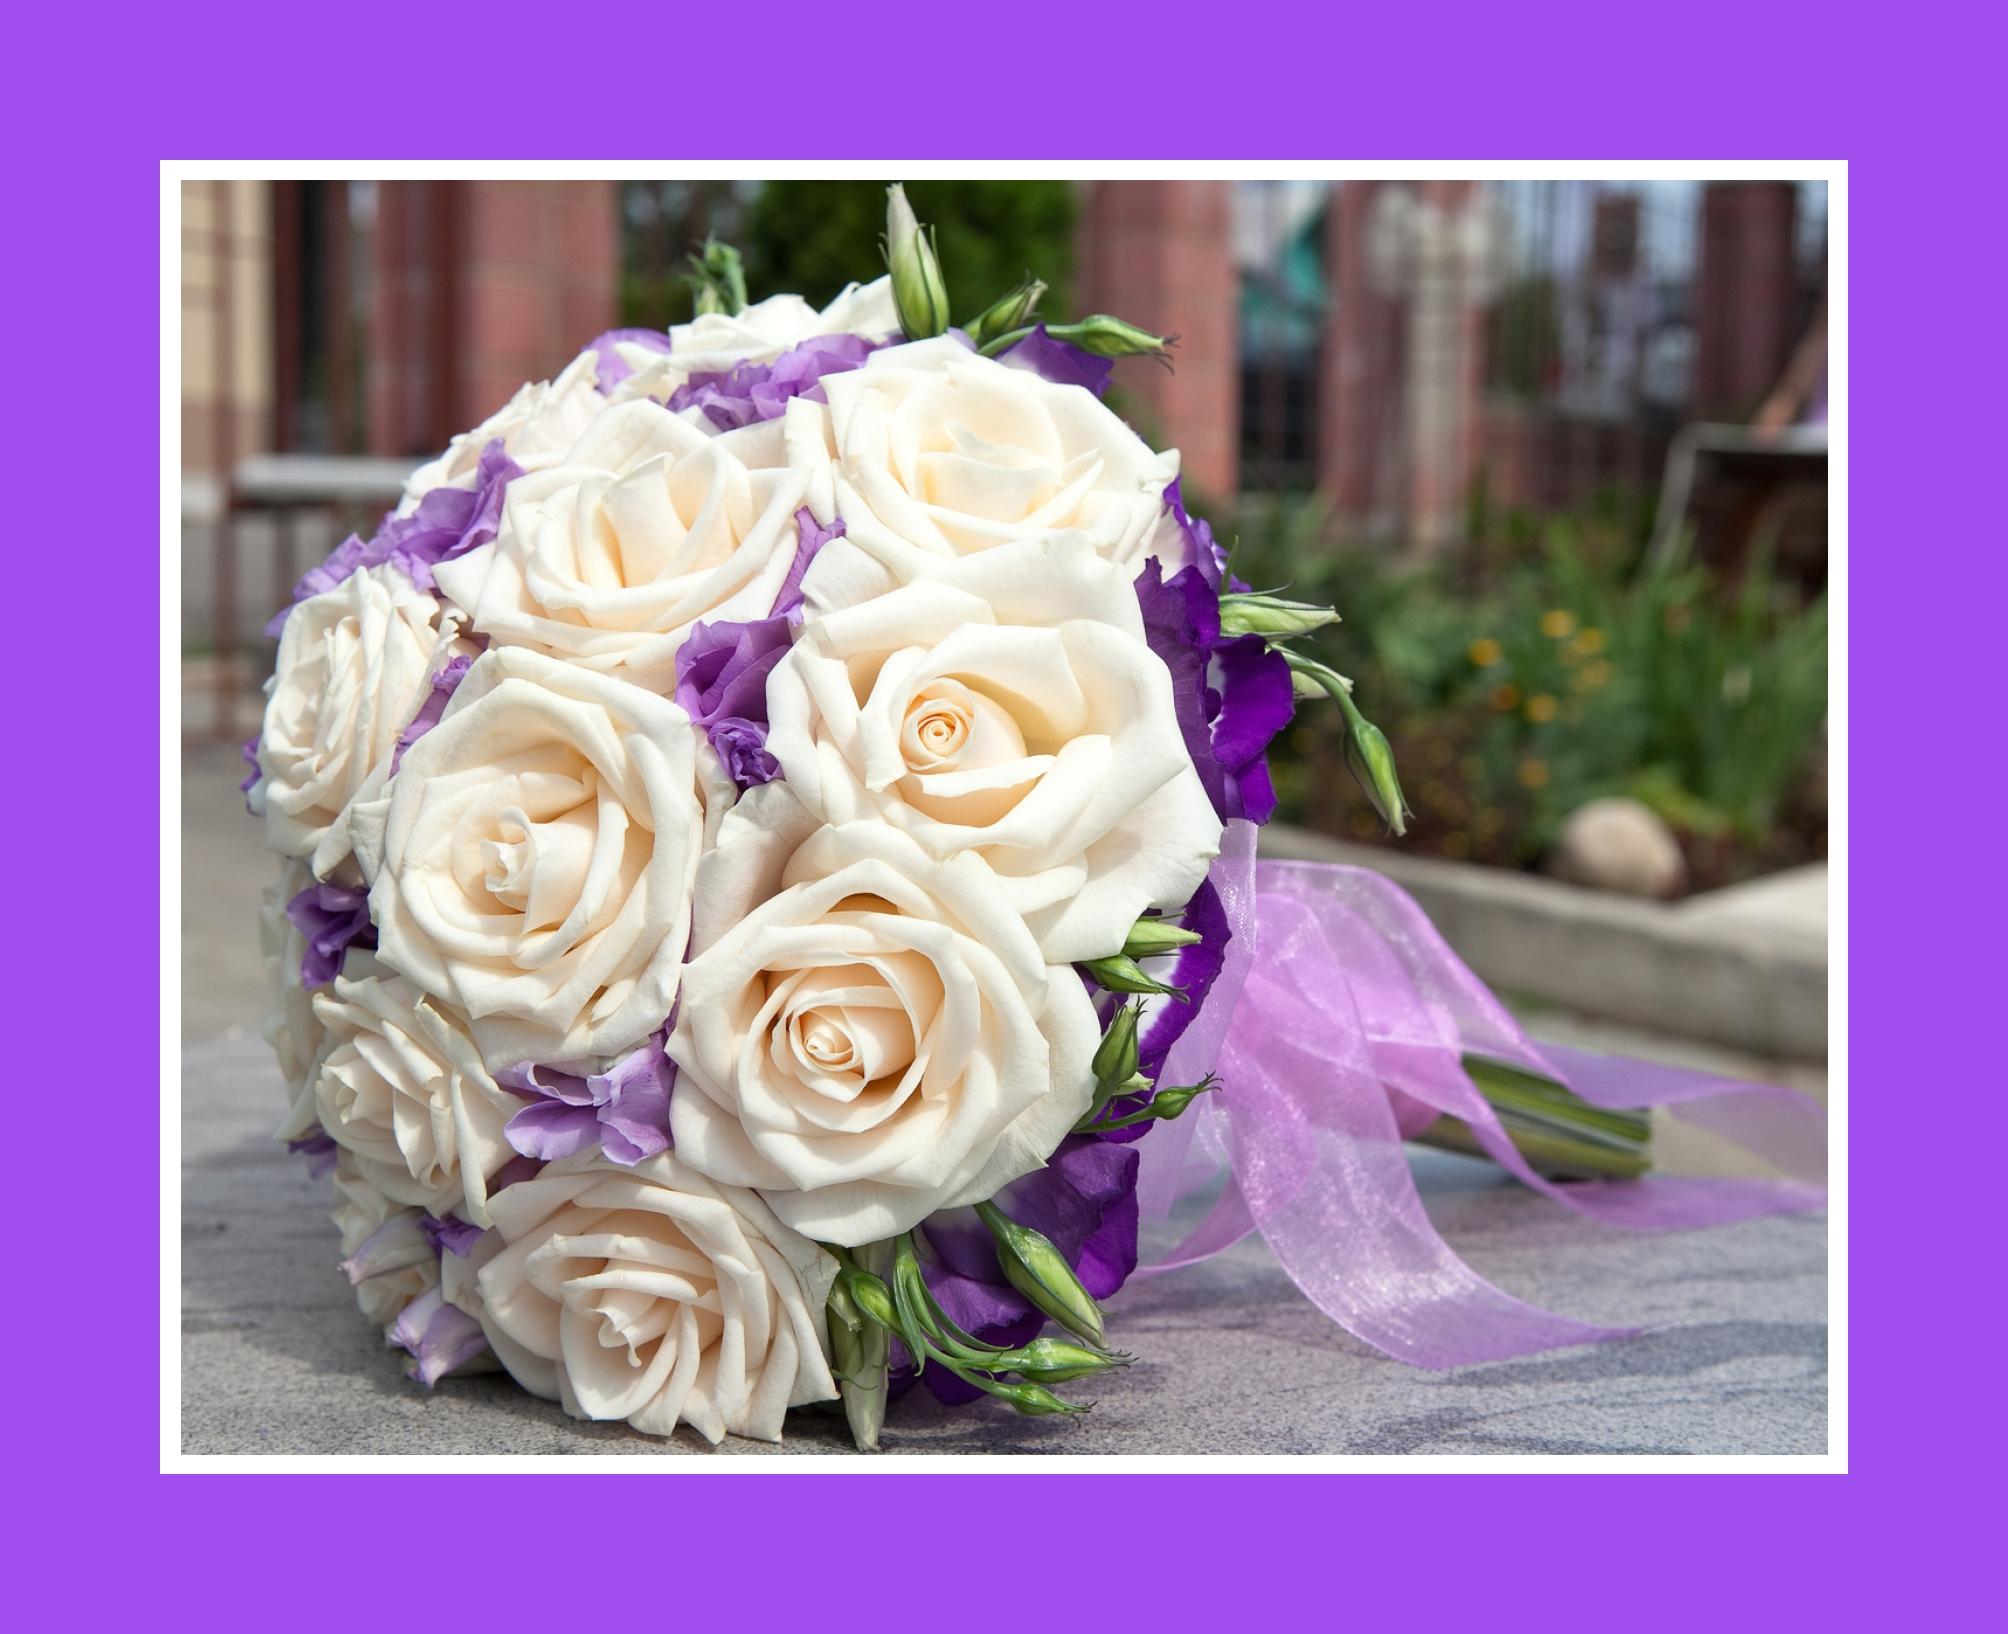 Hochzeitsstrauß aus Rosen und Veilchen in Weiß und Lila